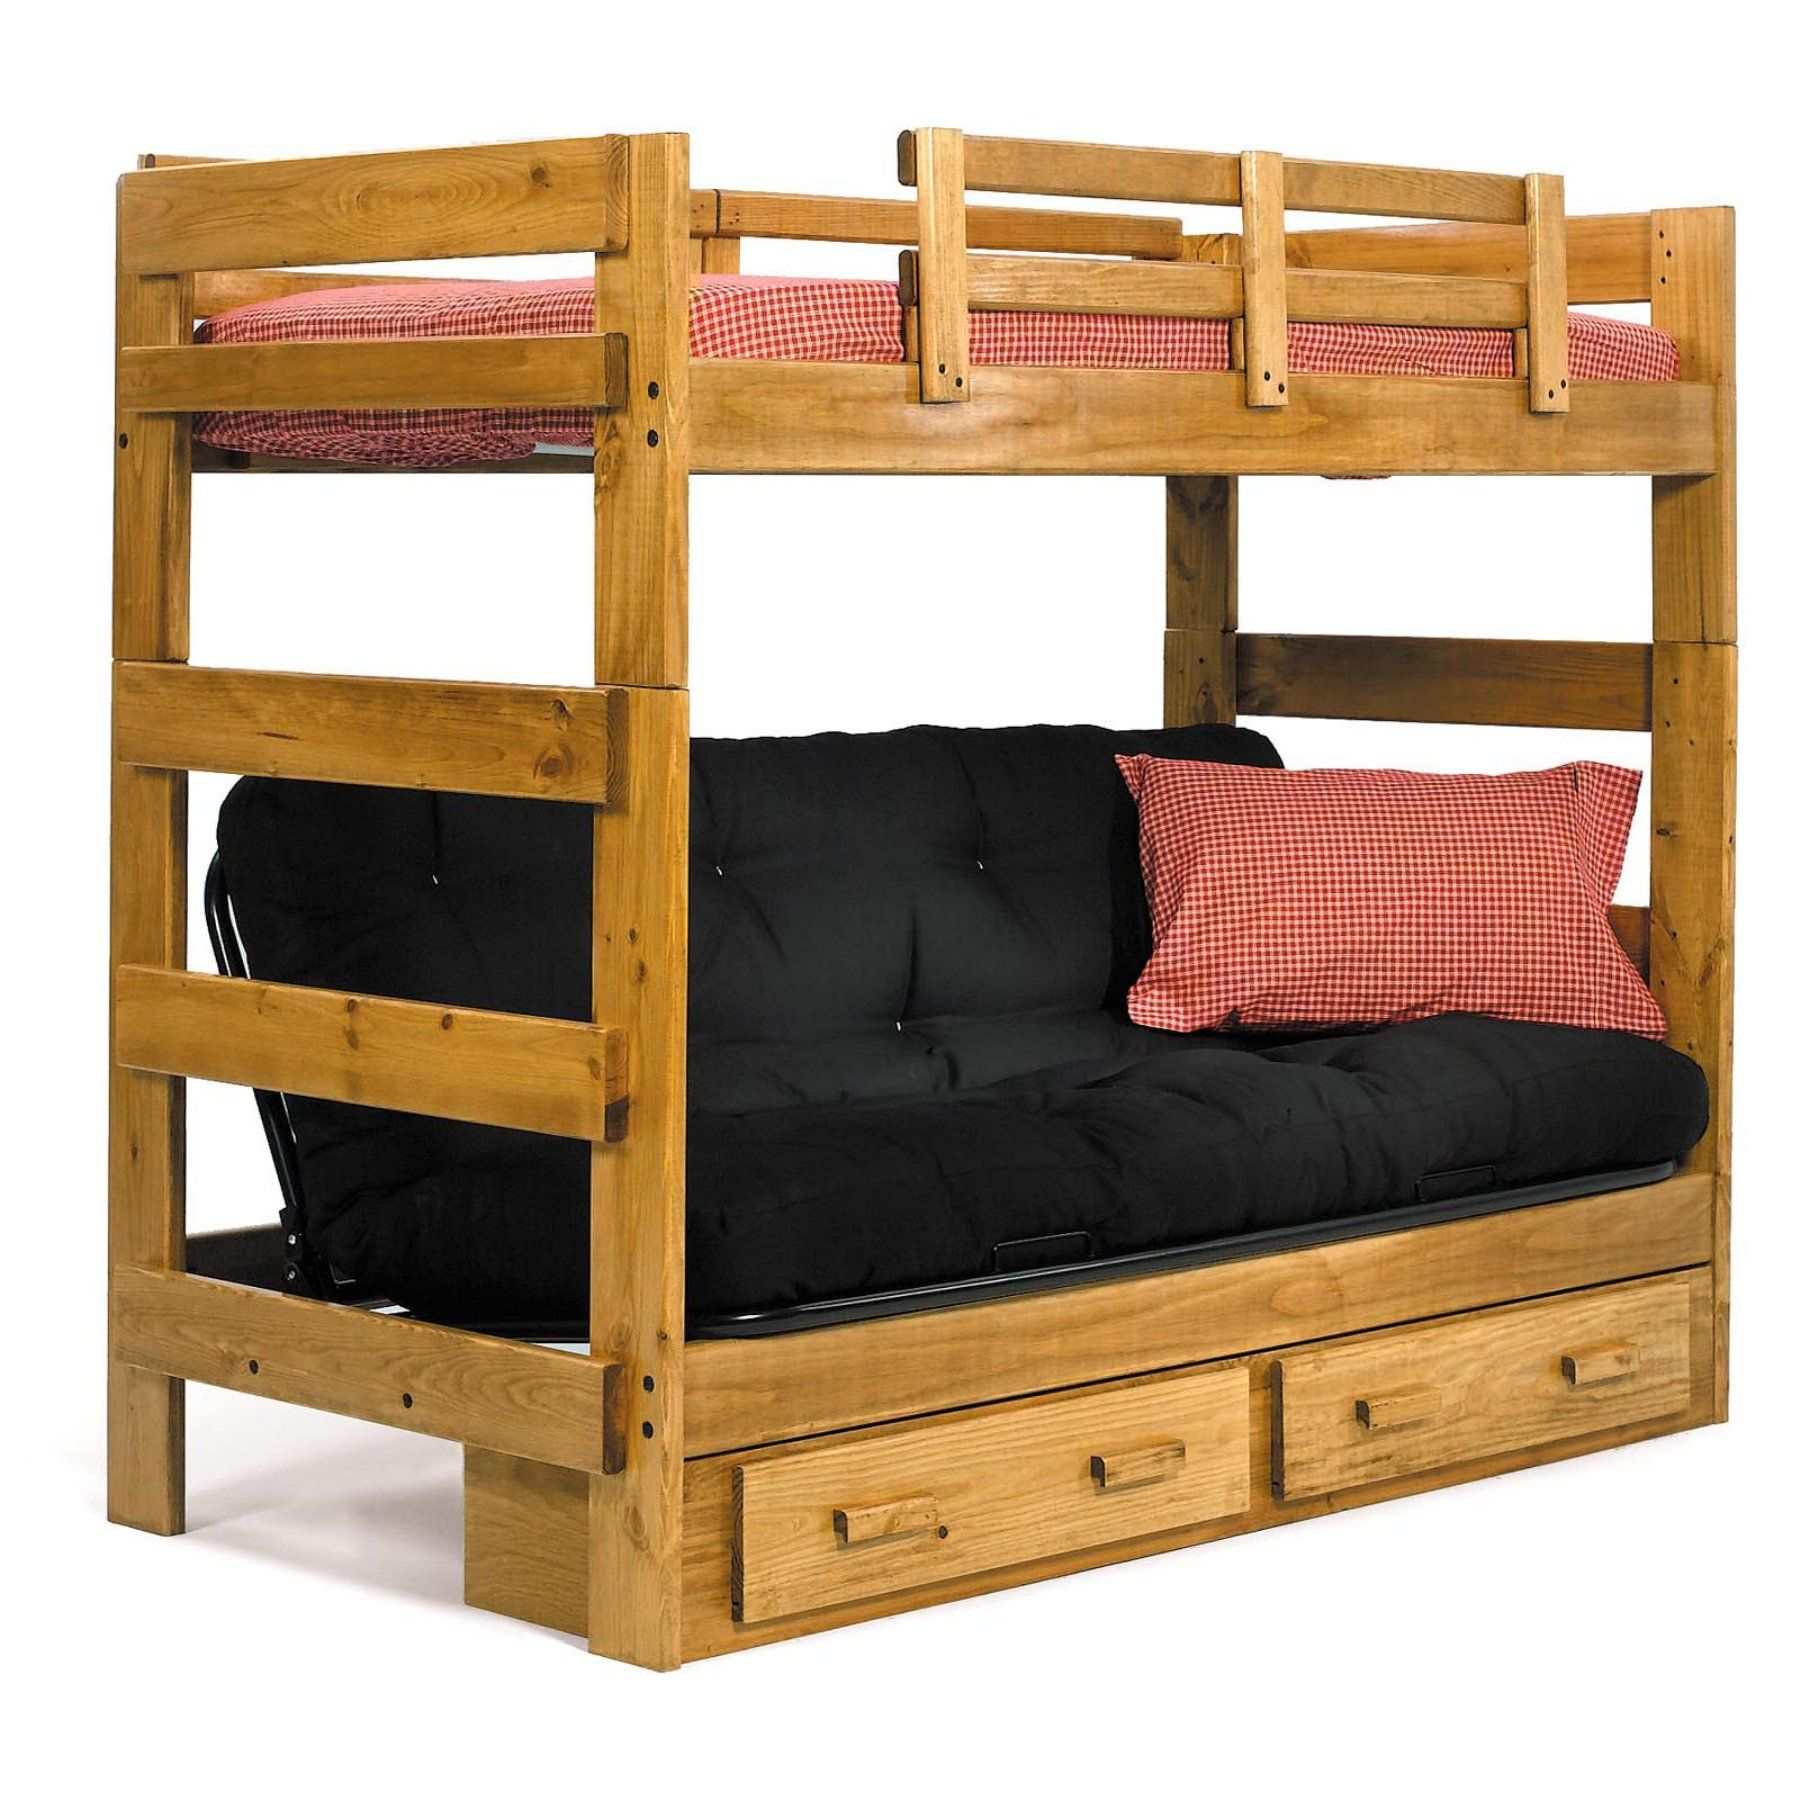 Lakeland mills twin over queen bunk bed amp reviews wayfair - Savannah Twin Over Futon Bunk Bed Wcm124